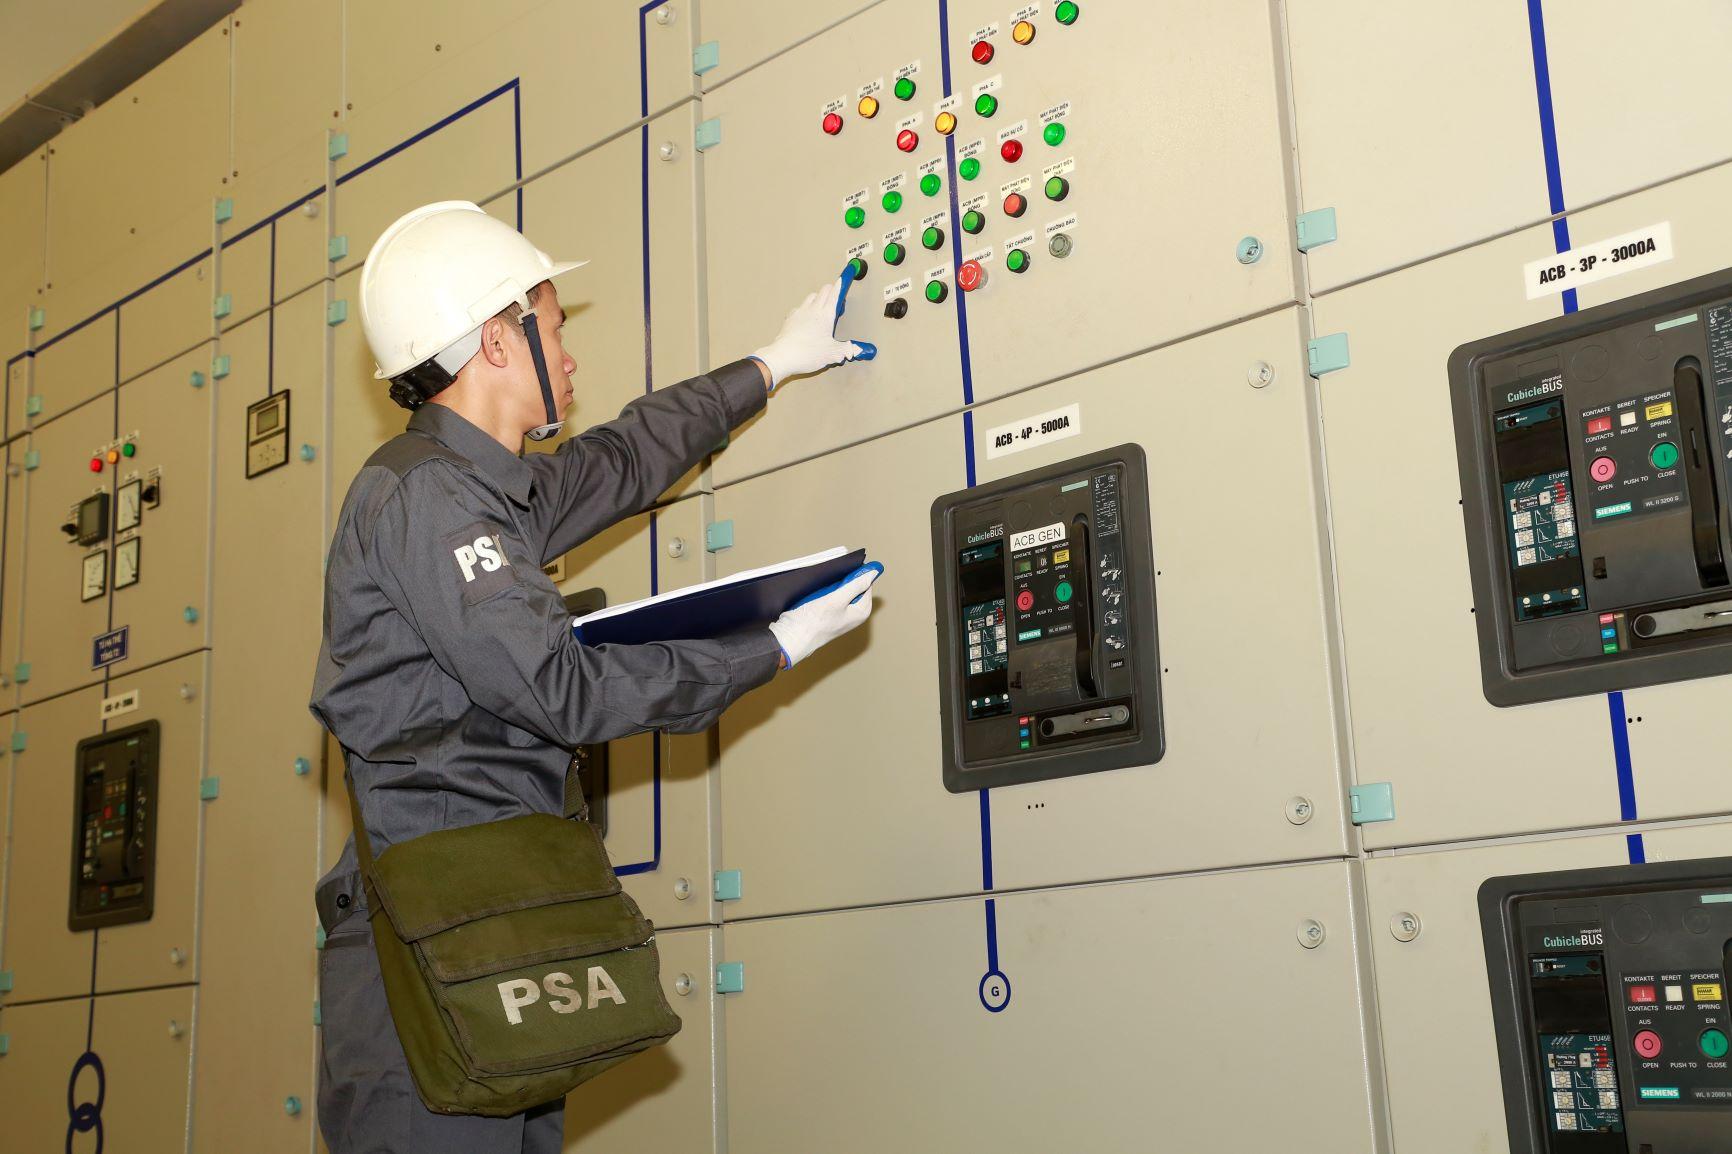 PSA - Đơn vị cung cấp dịch vụ quản lý tòa nhà uy tín hàng đầu